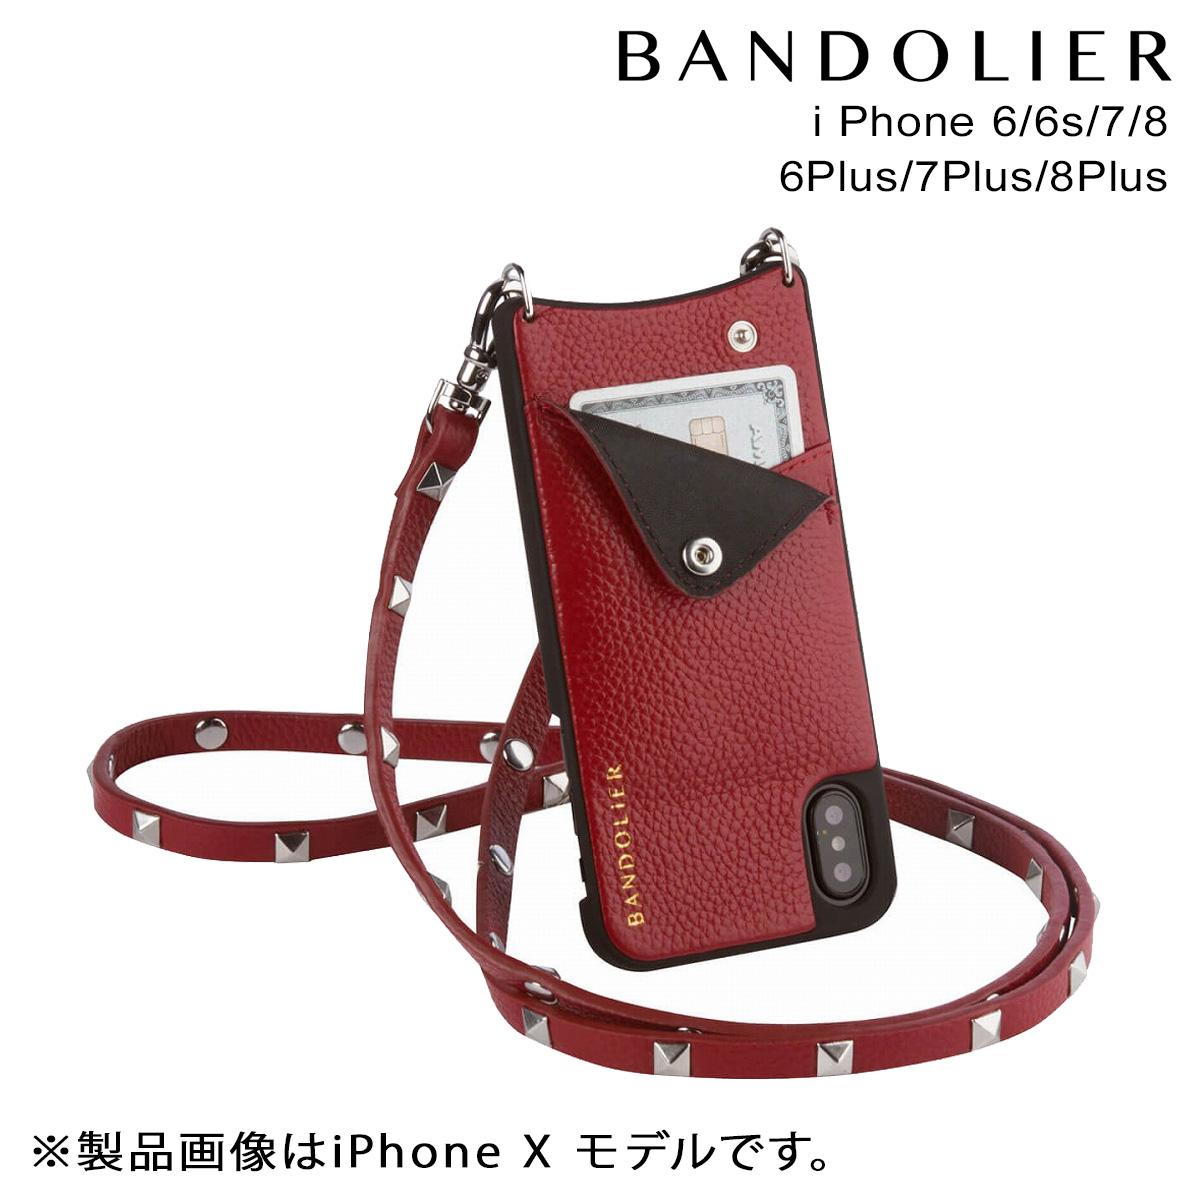 【最大2000円OFFクーポン】 BANDOLIER バンドリヤー iPhone8 iPhone7 7Plus 6s ケース スマホ アイフォン プラス SARAH CRIMSON メンズ レディース